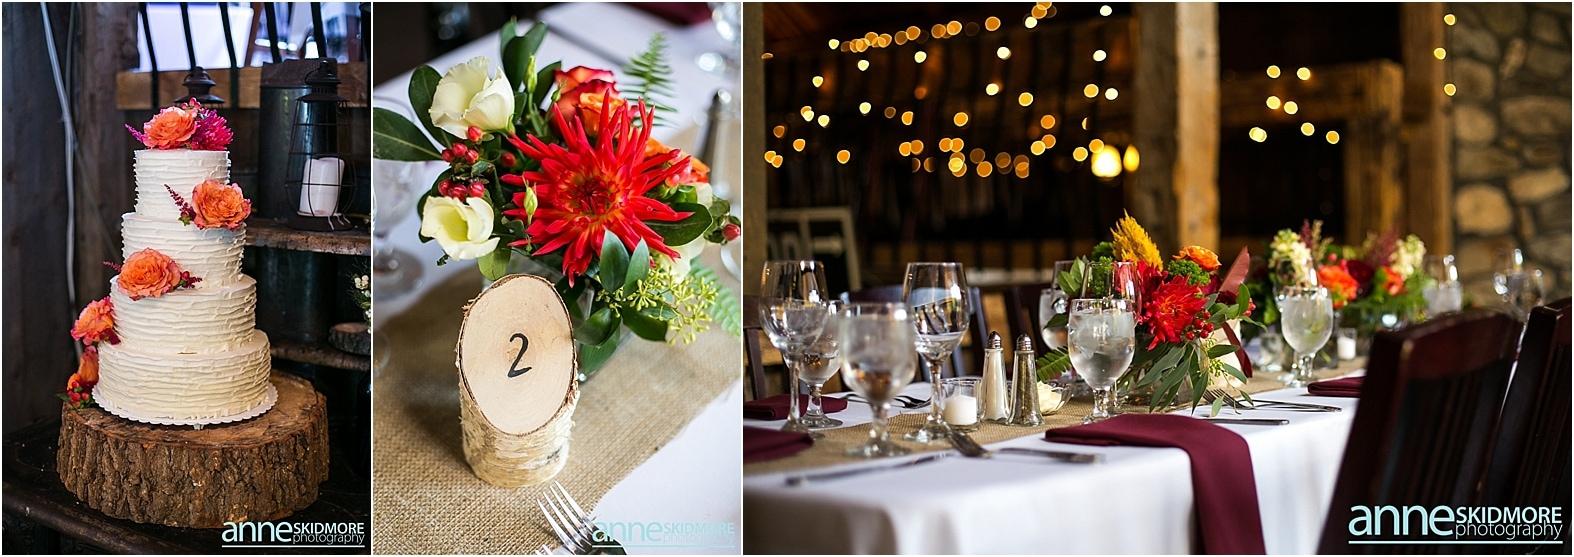 Whitneys_Inn_Weddings_040